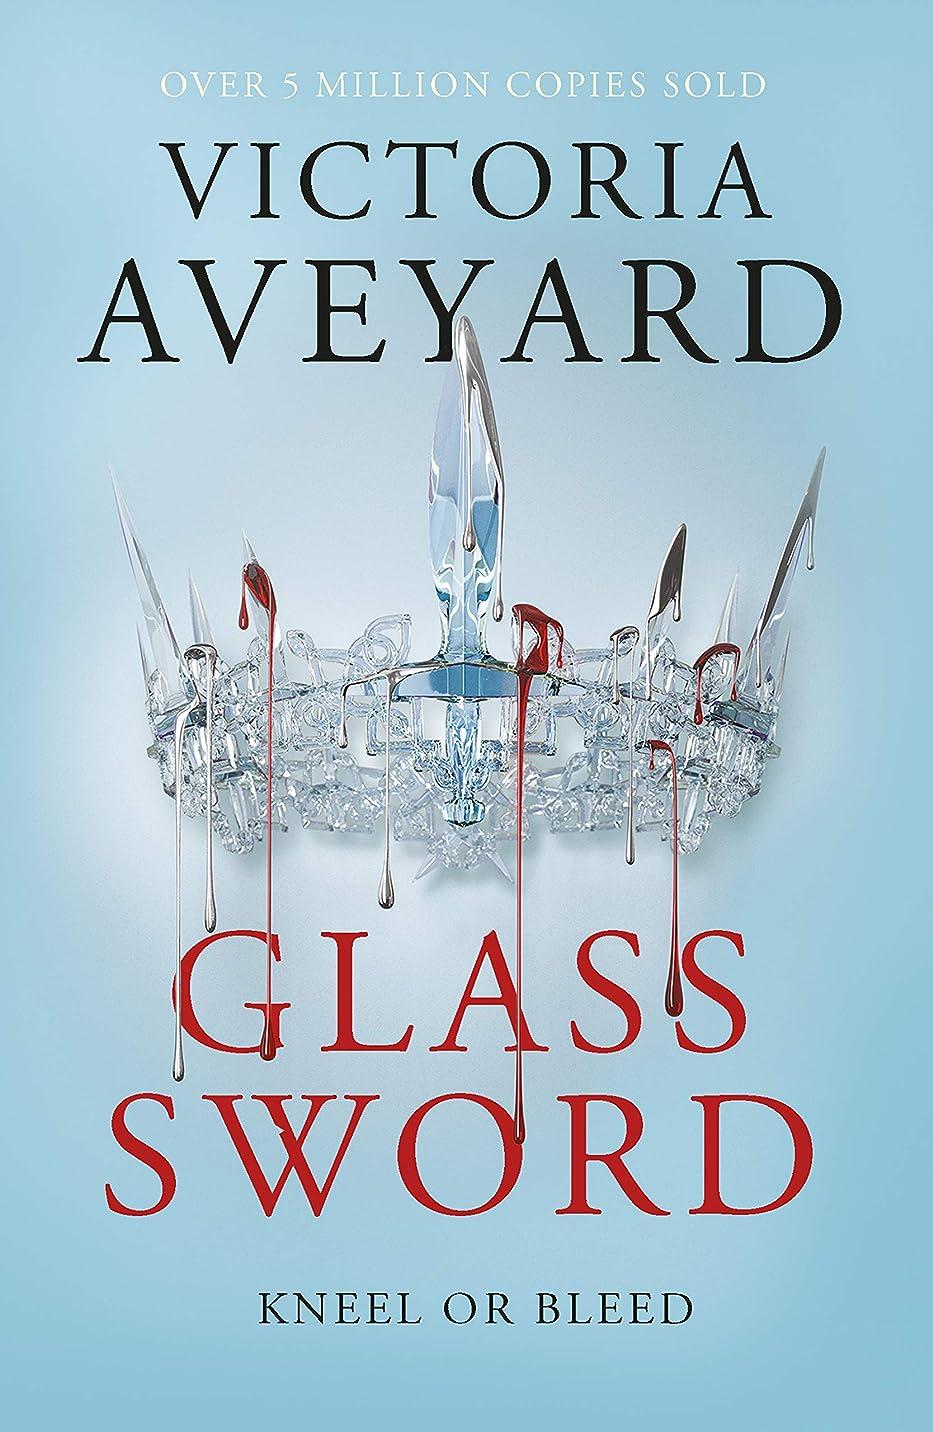 候補者マウント直面するGlass Sword: Red Queen Book 2 (English Edition)